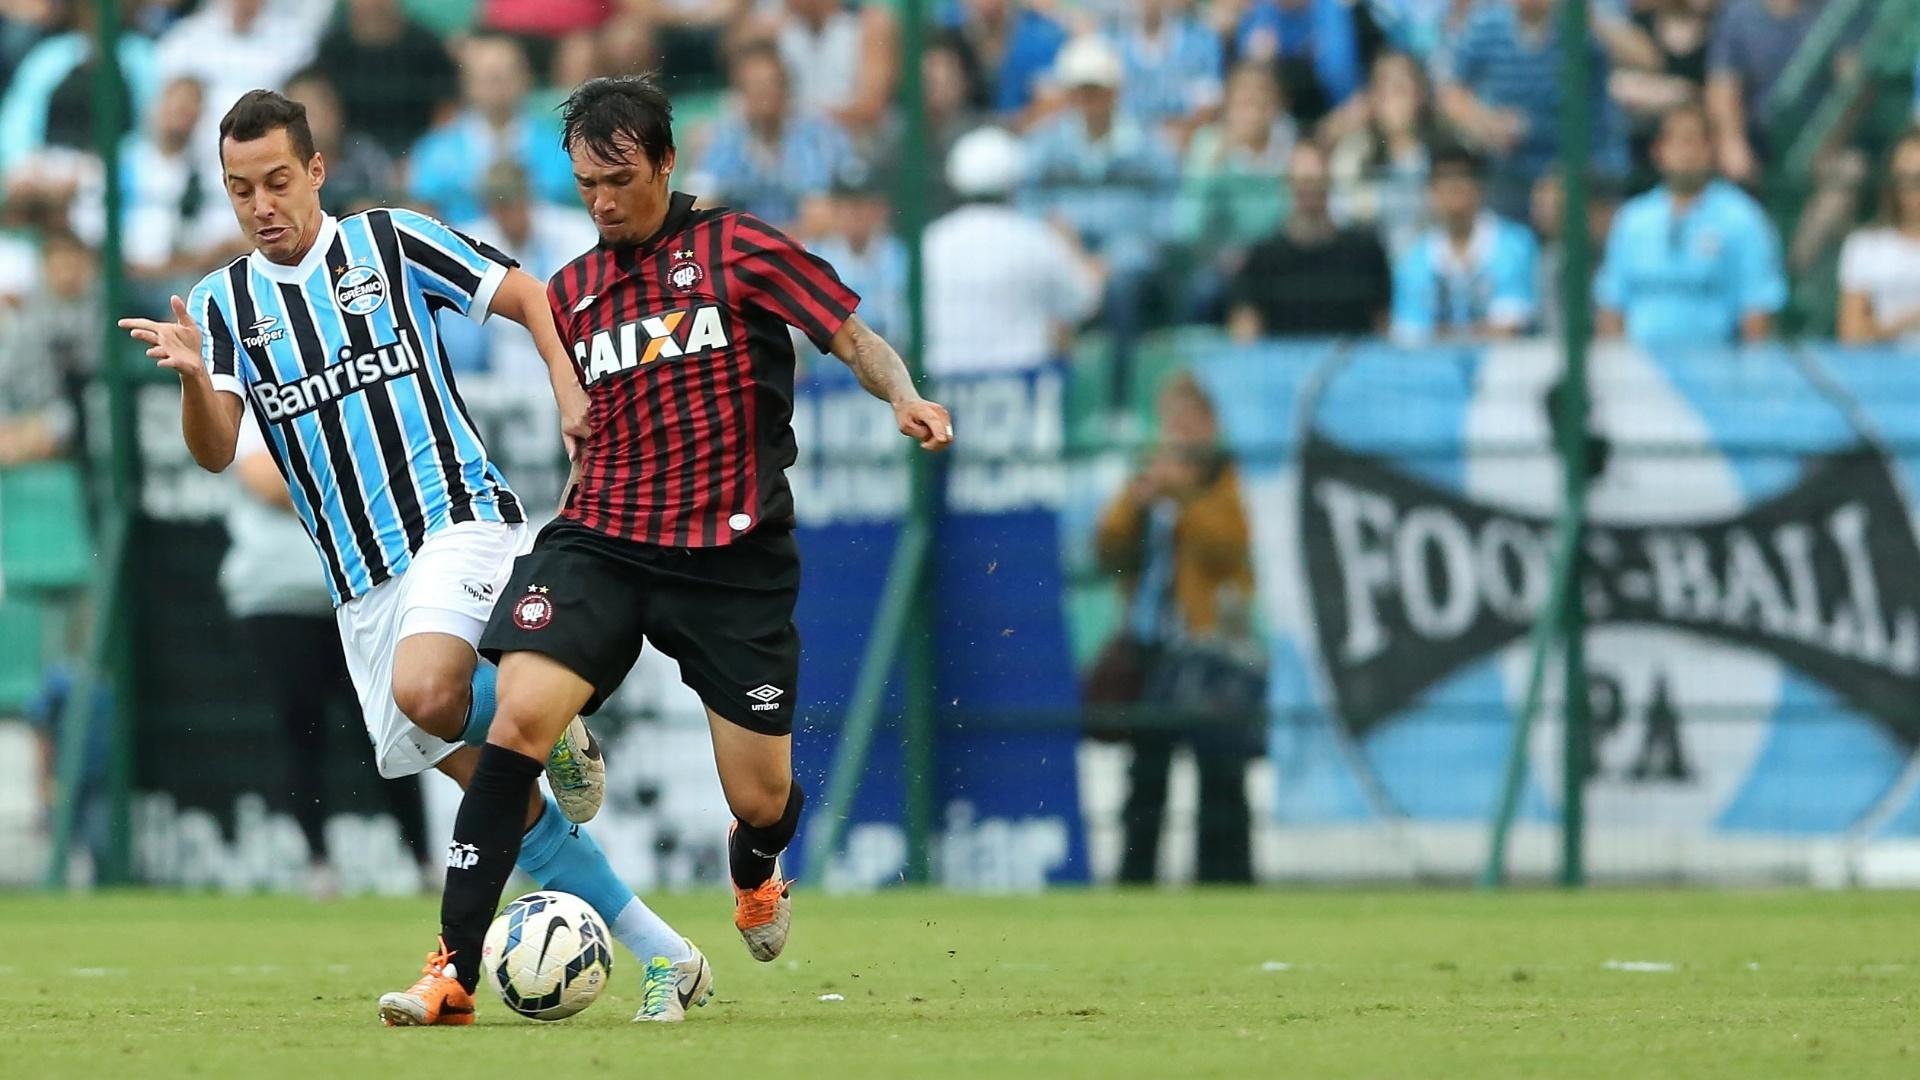 20/04/2014 - João Paulo, do Atlético-PR, é marcado por Rodriguinho, do Grêmio